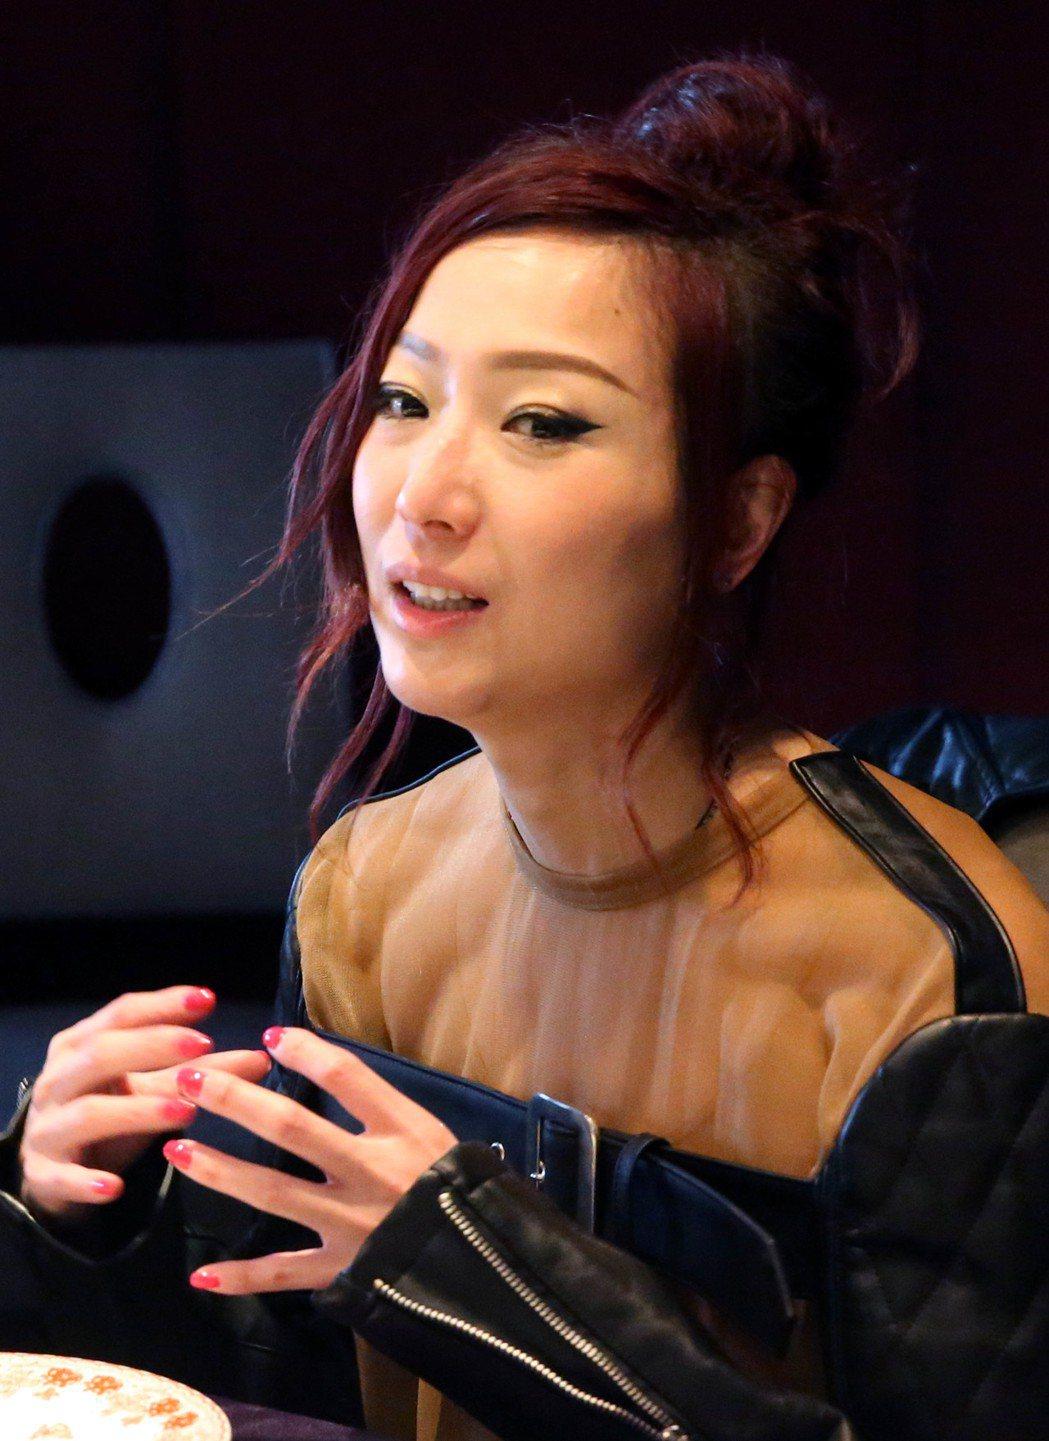 鄭秀文新專輯Nude發片記者會上,暢談出片心路歷程。記者林俊良/攝影